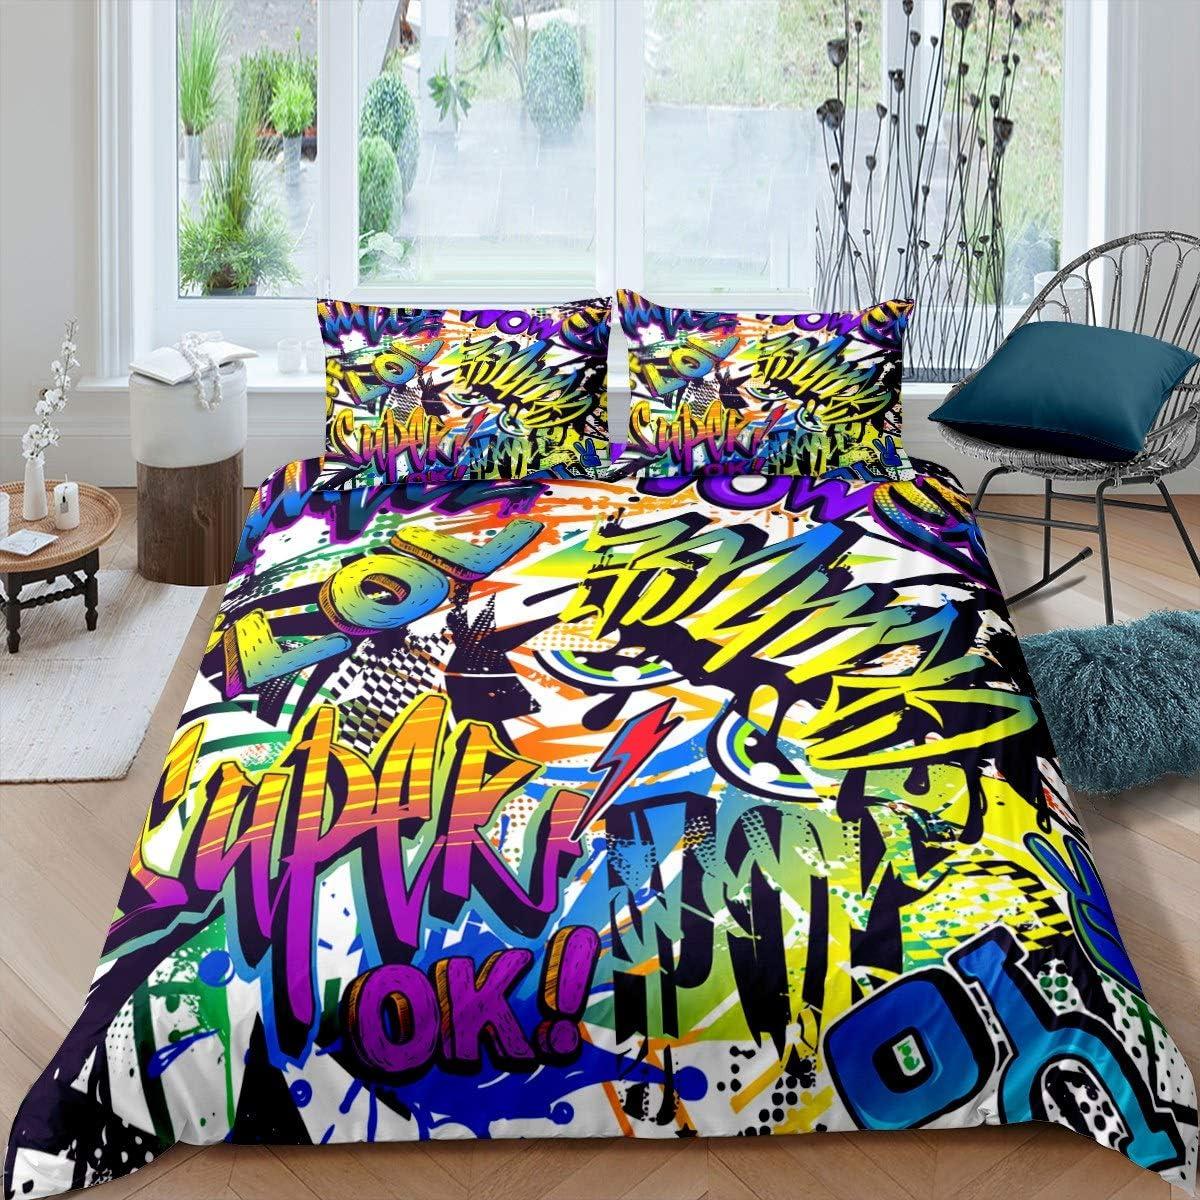 Hip Hop Decor Bedding Excellent Set Hippie Culture for Max 56% OFF Duvet Street Cover